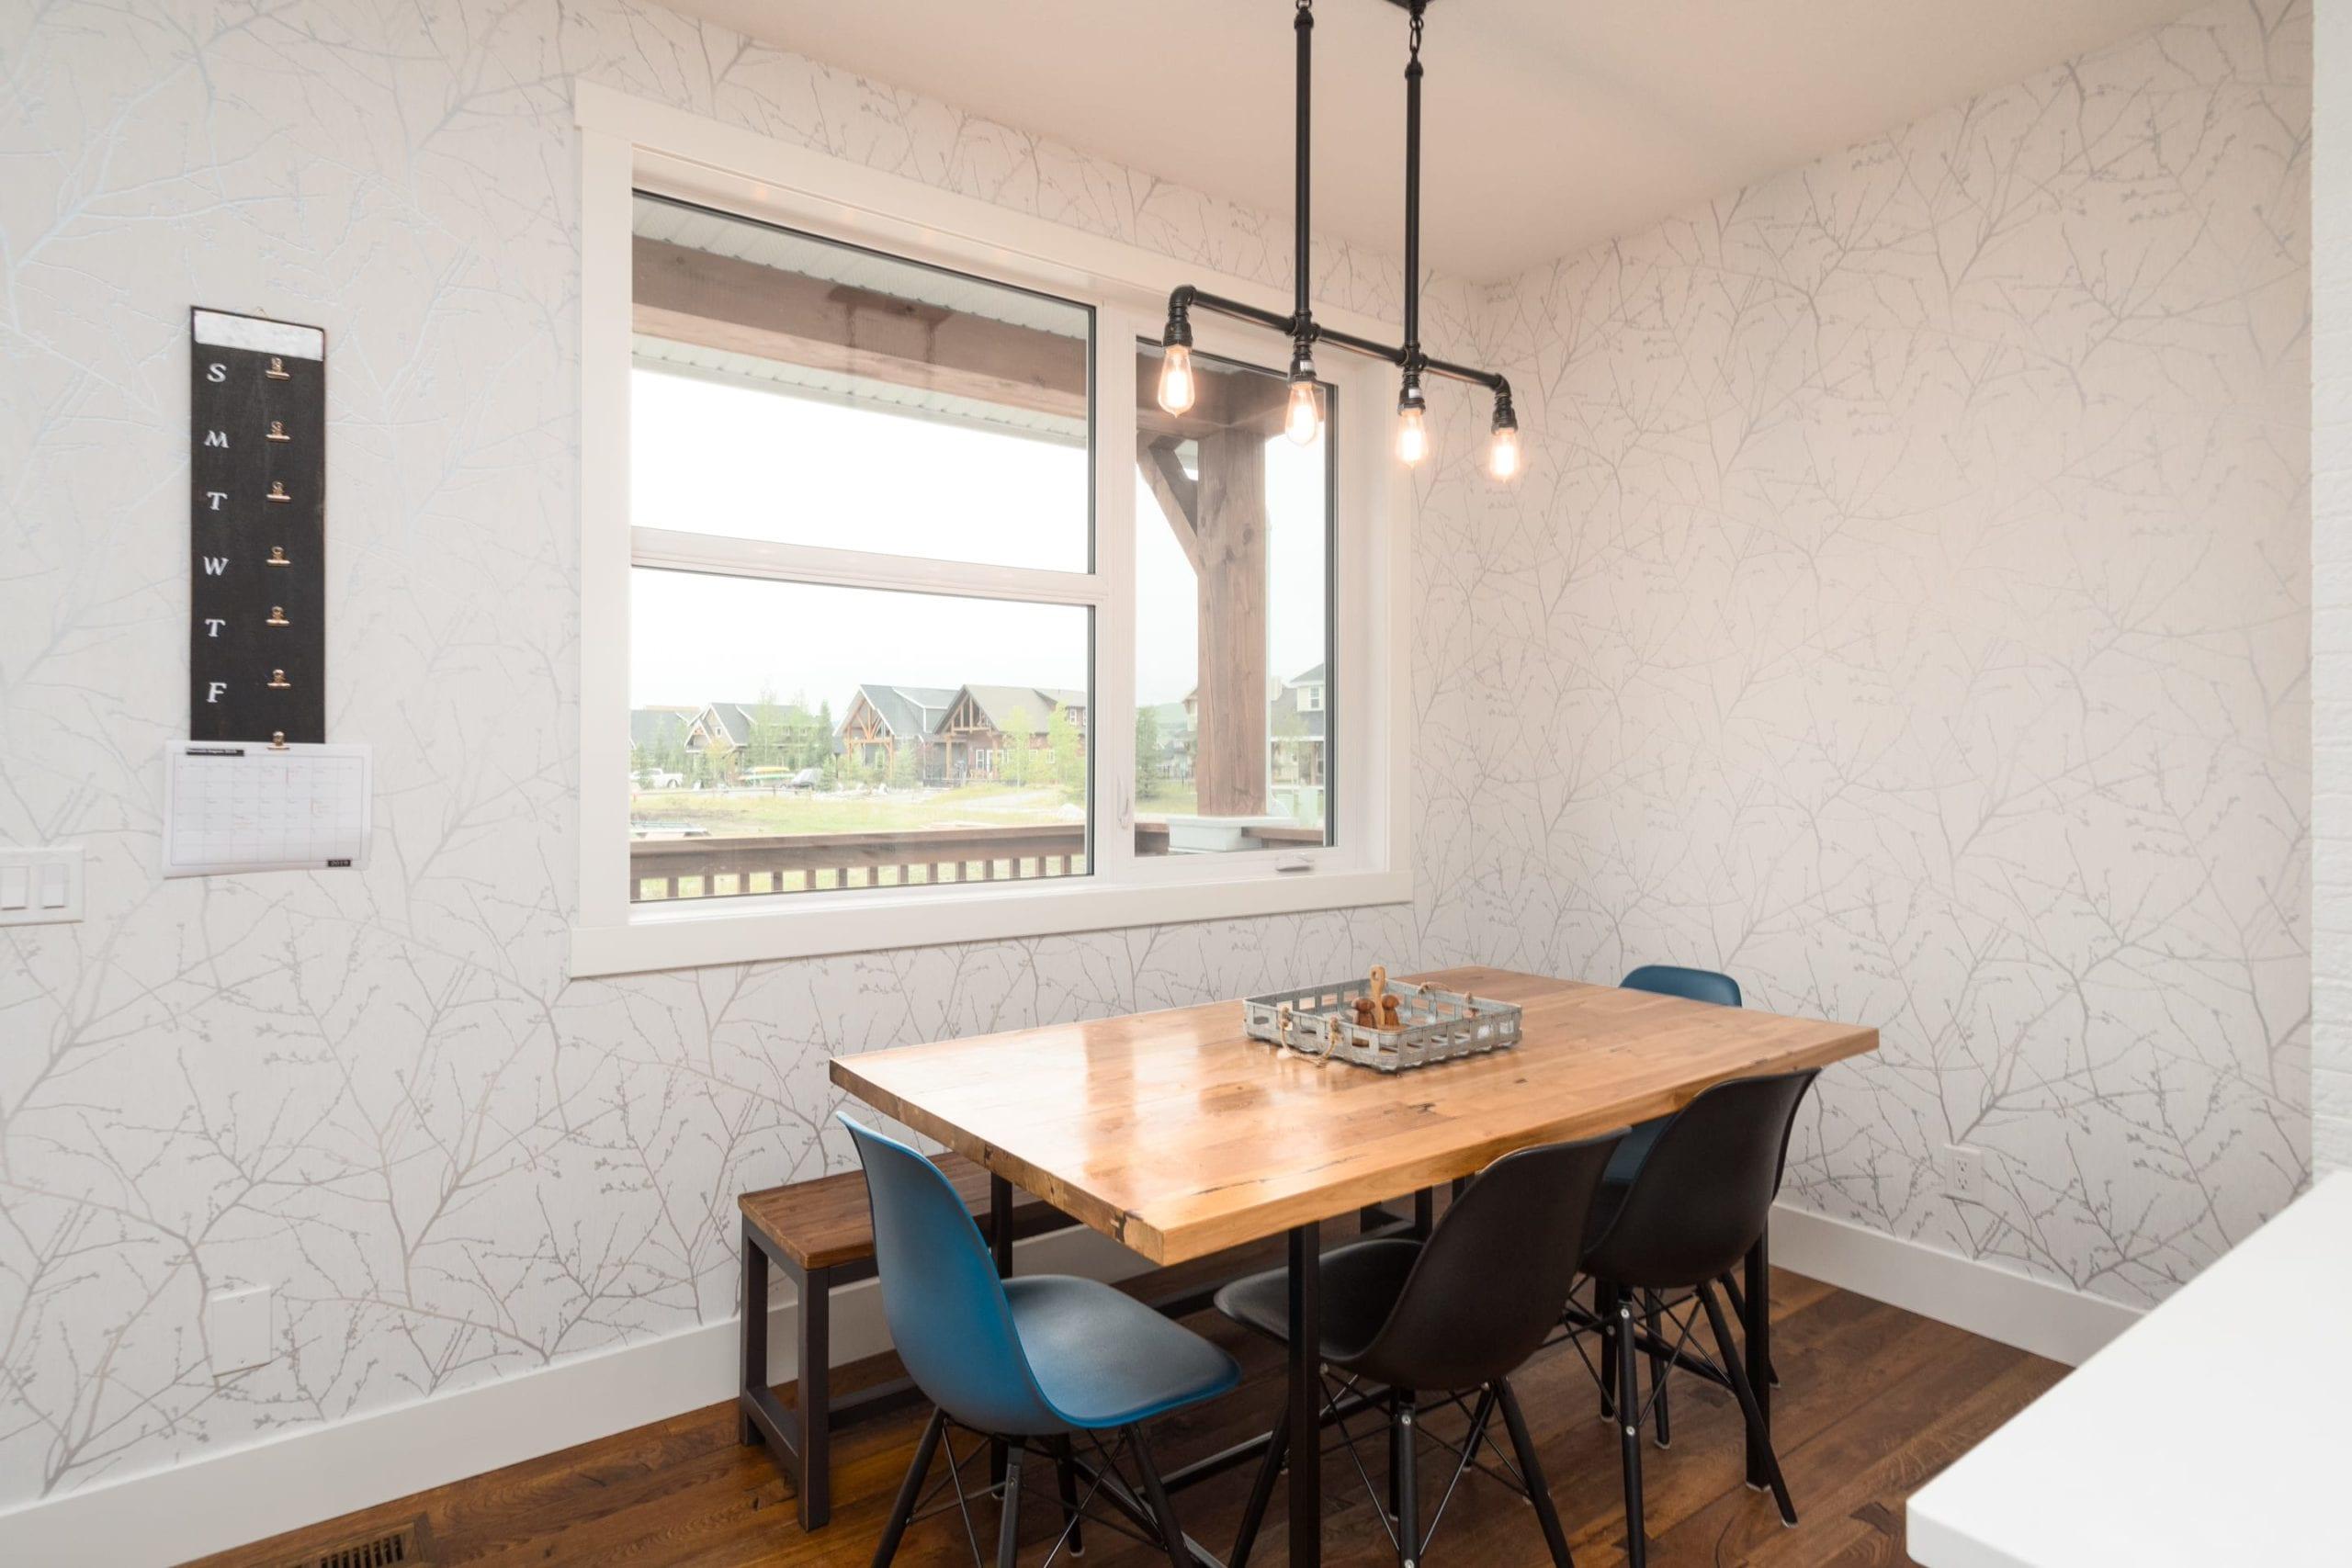 Hello Gorgeous - 302 Cottage Club Way - Tara Molina Real Estate (4 of 43)